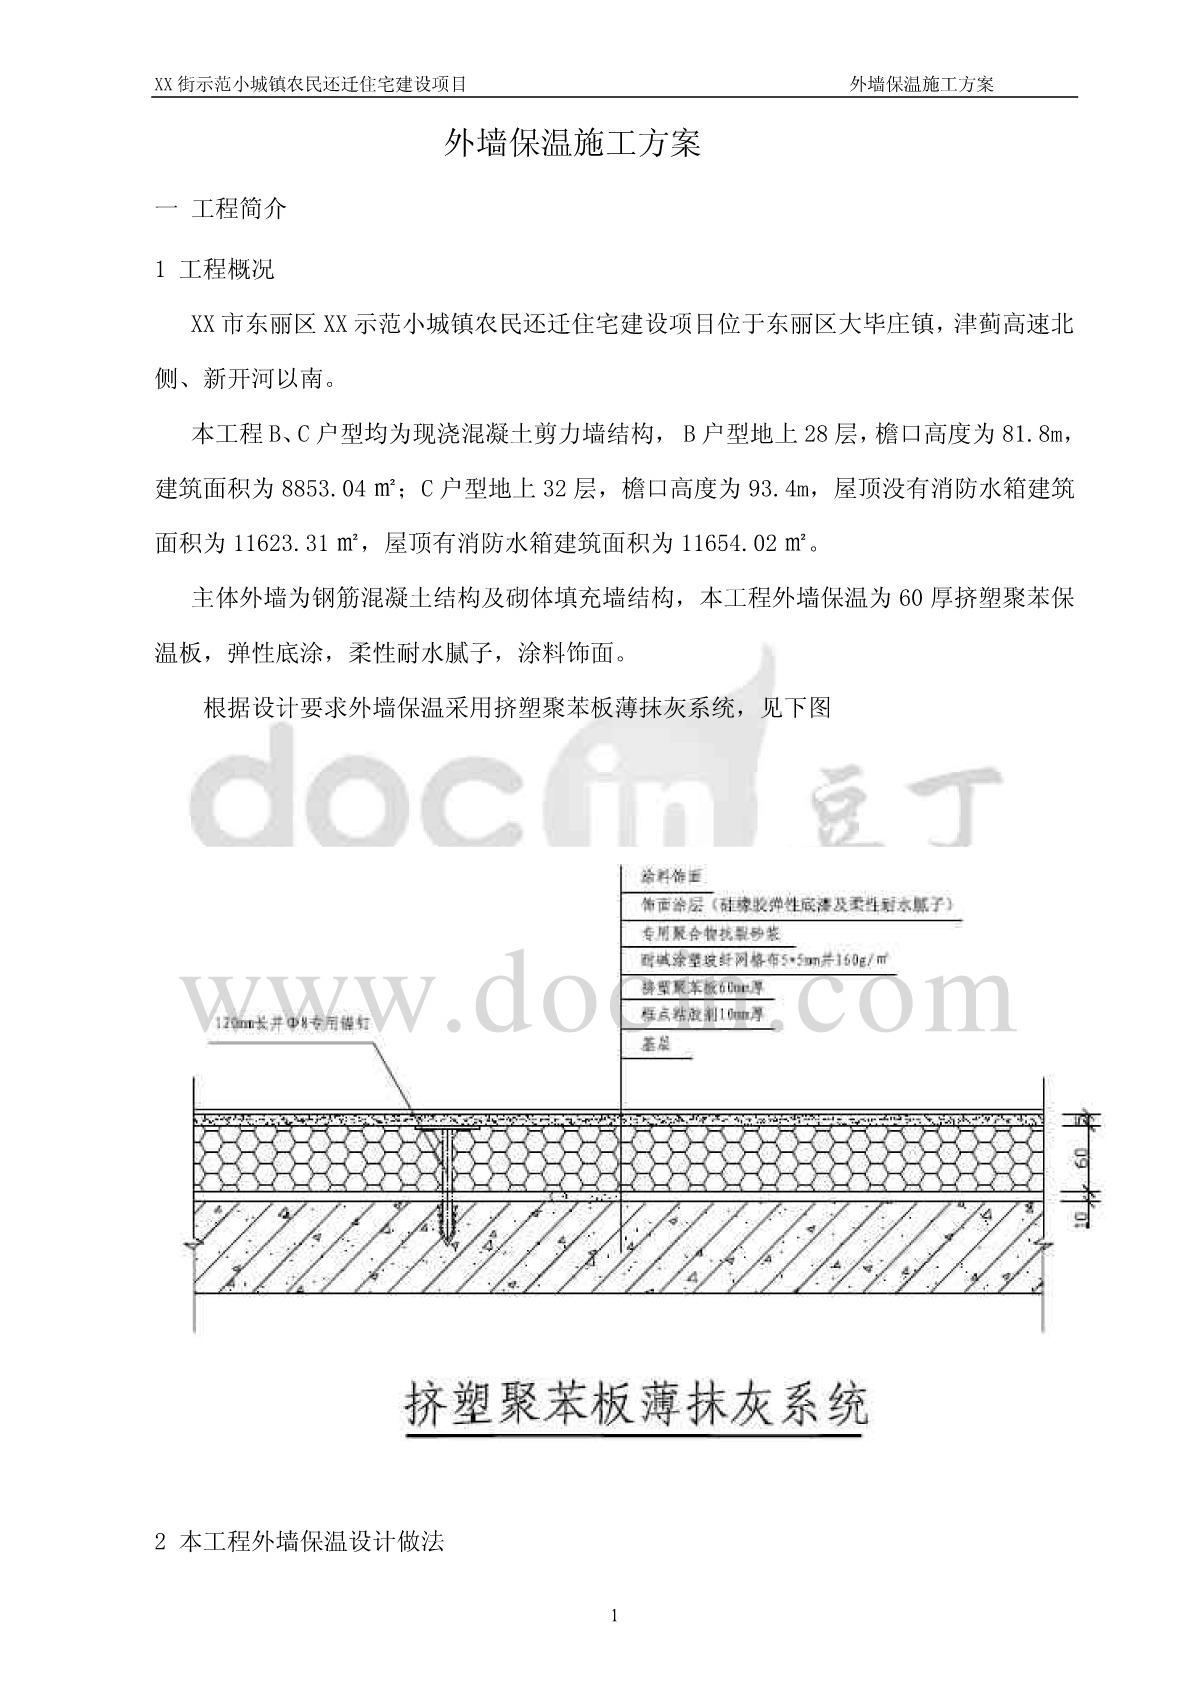 小城镇农民还迁住宅建设项目外墙保温施工方案图片1